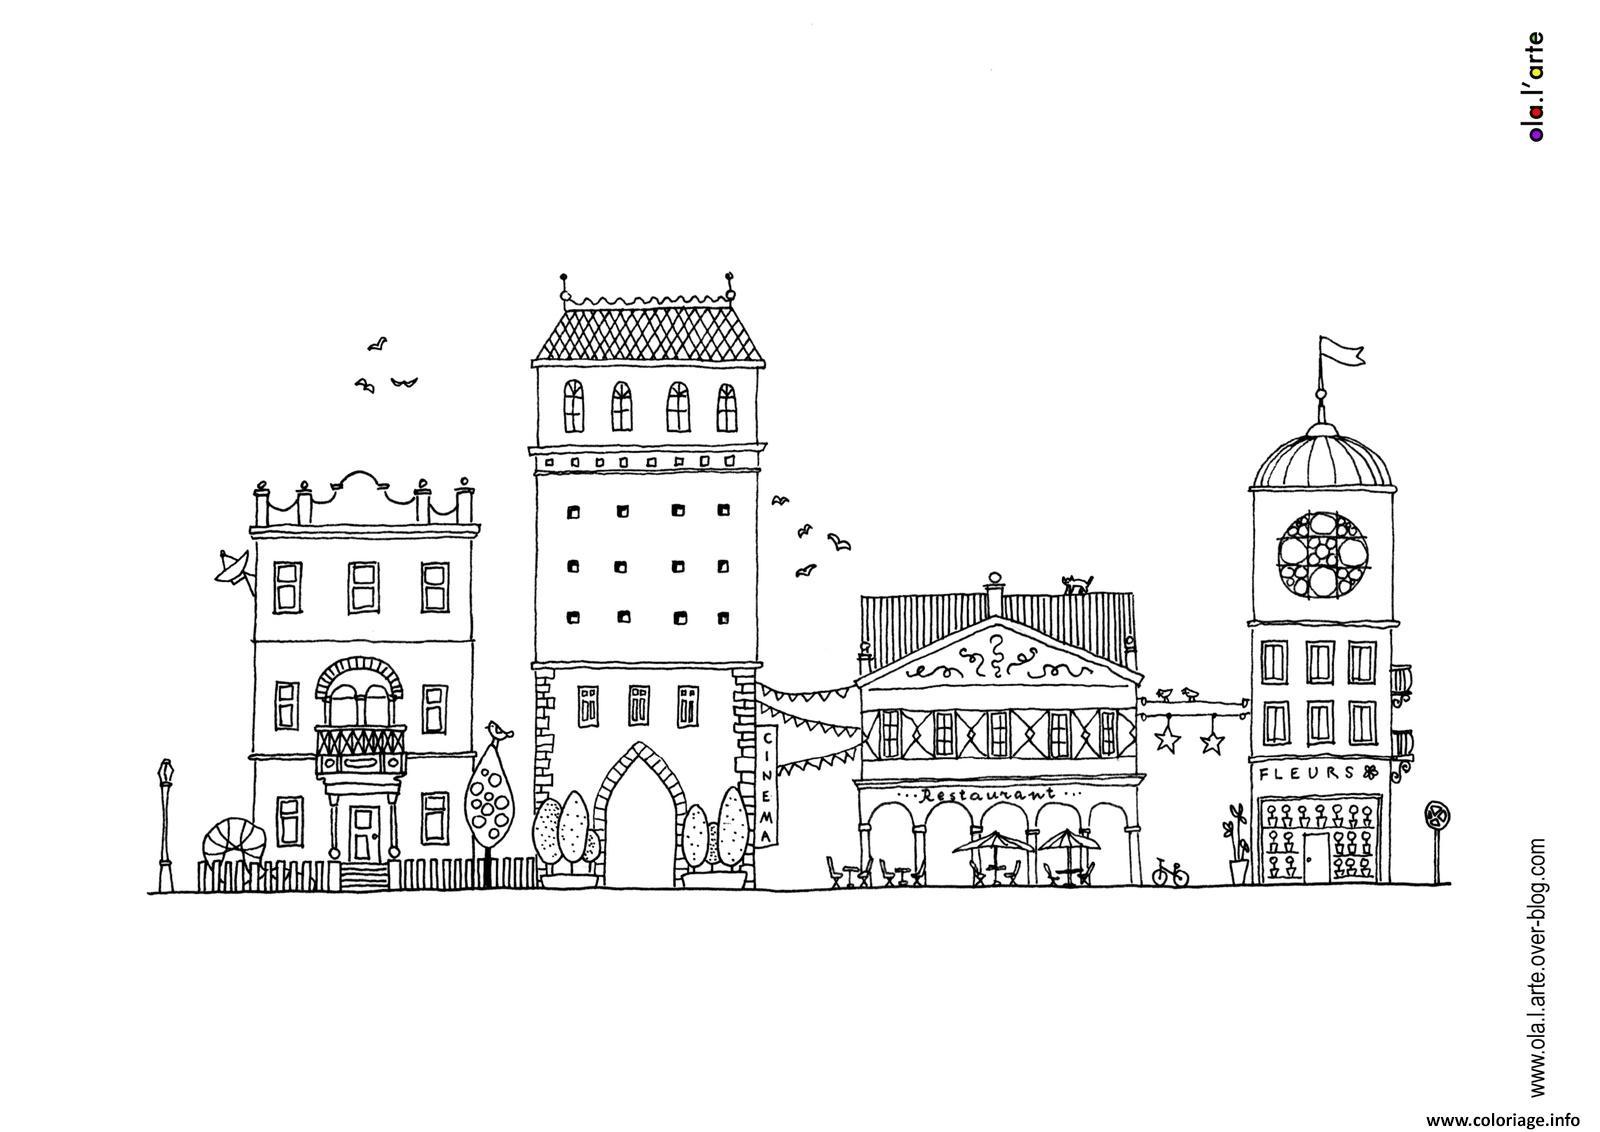 Dessin ville par aleksandra sobol illustrations Coloriage Gratuit à Imprimer